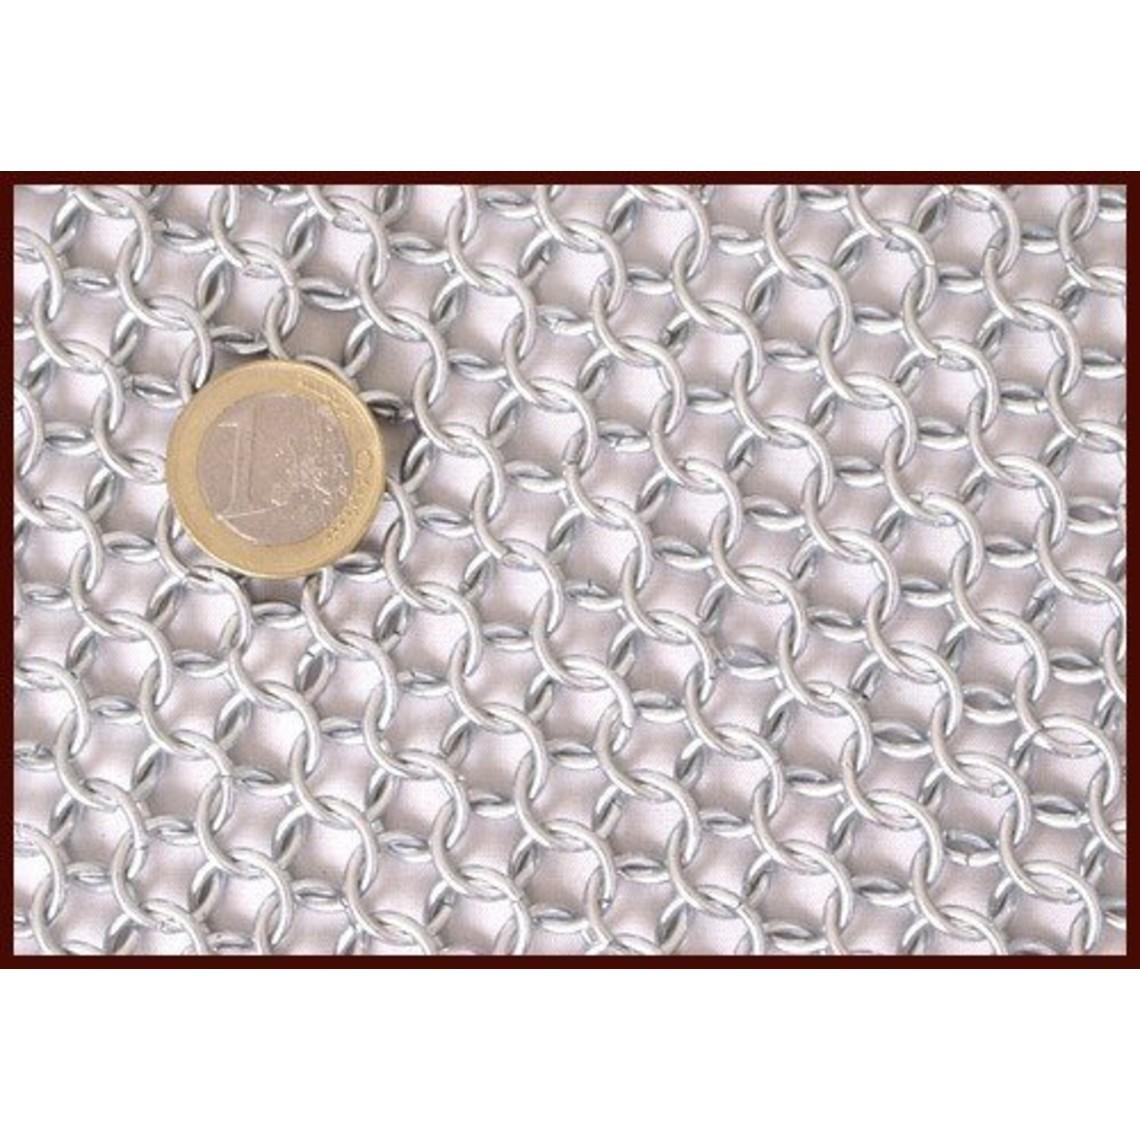 Maliënkolder met korte mouwen, verzinkt, 9 mm